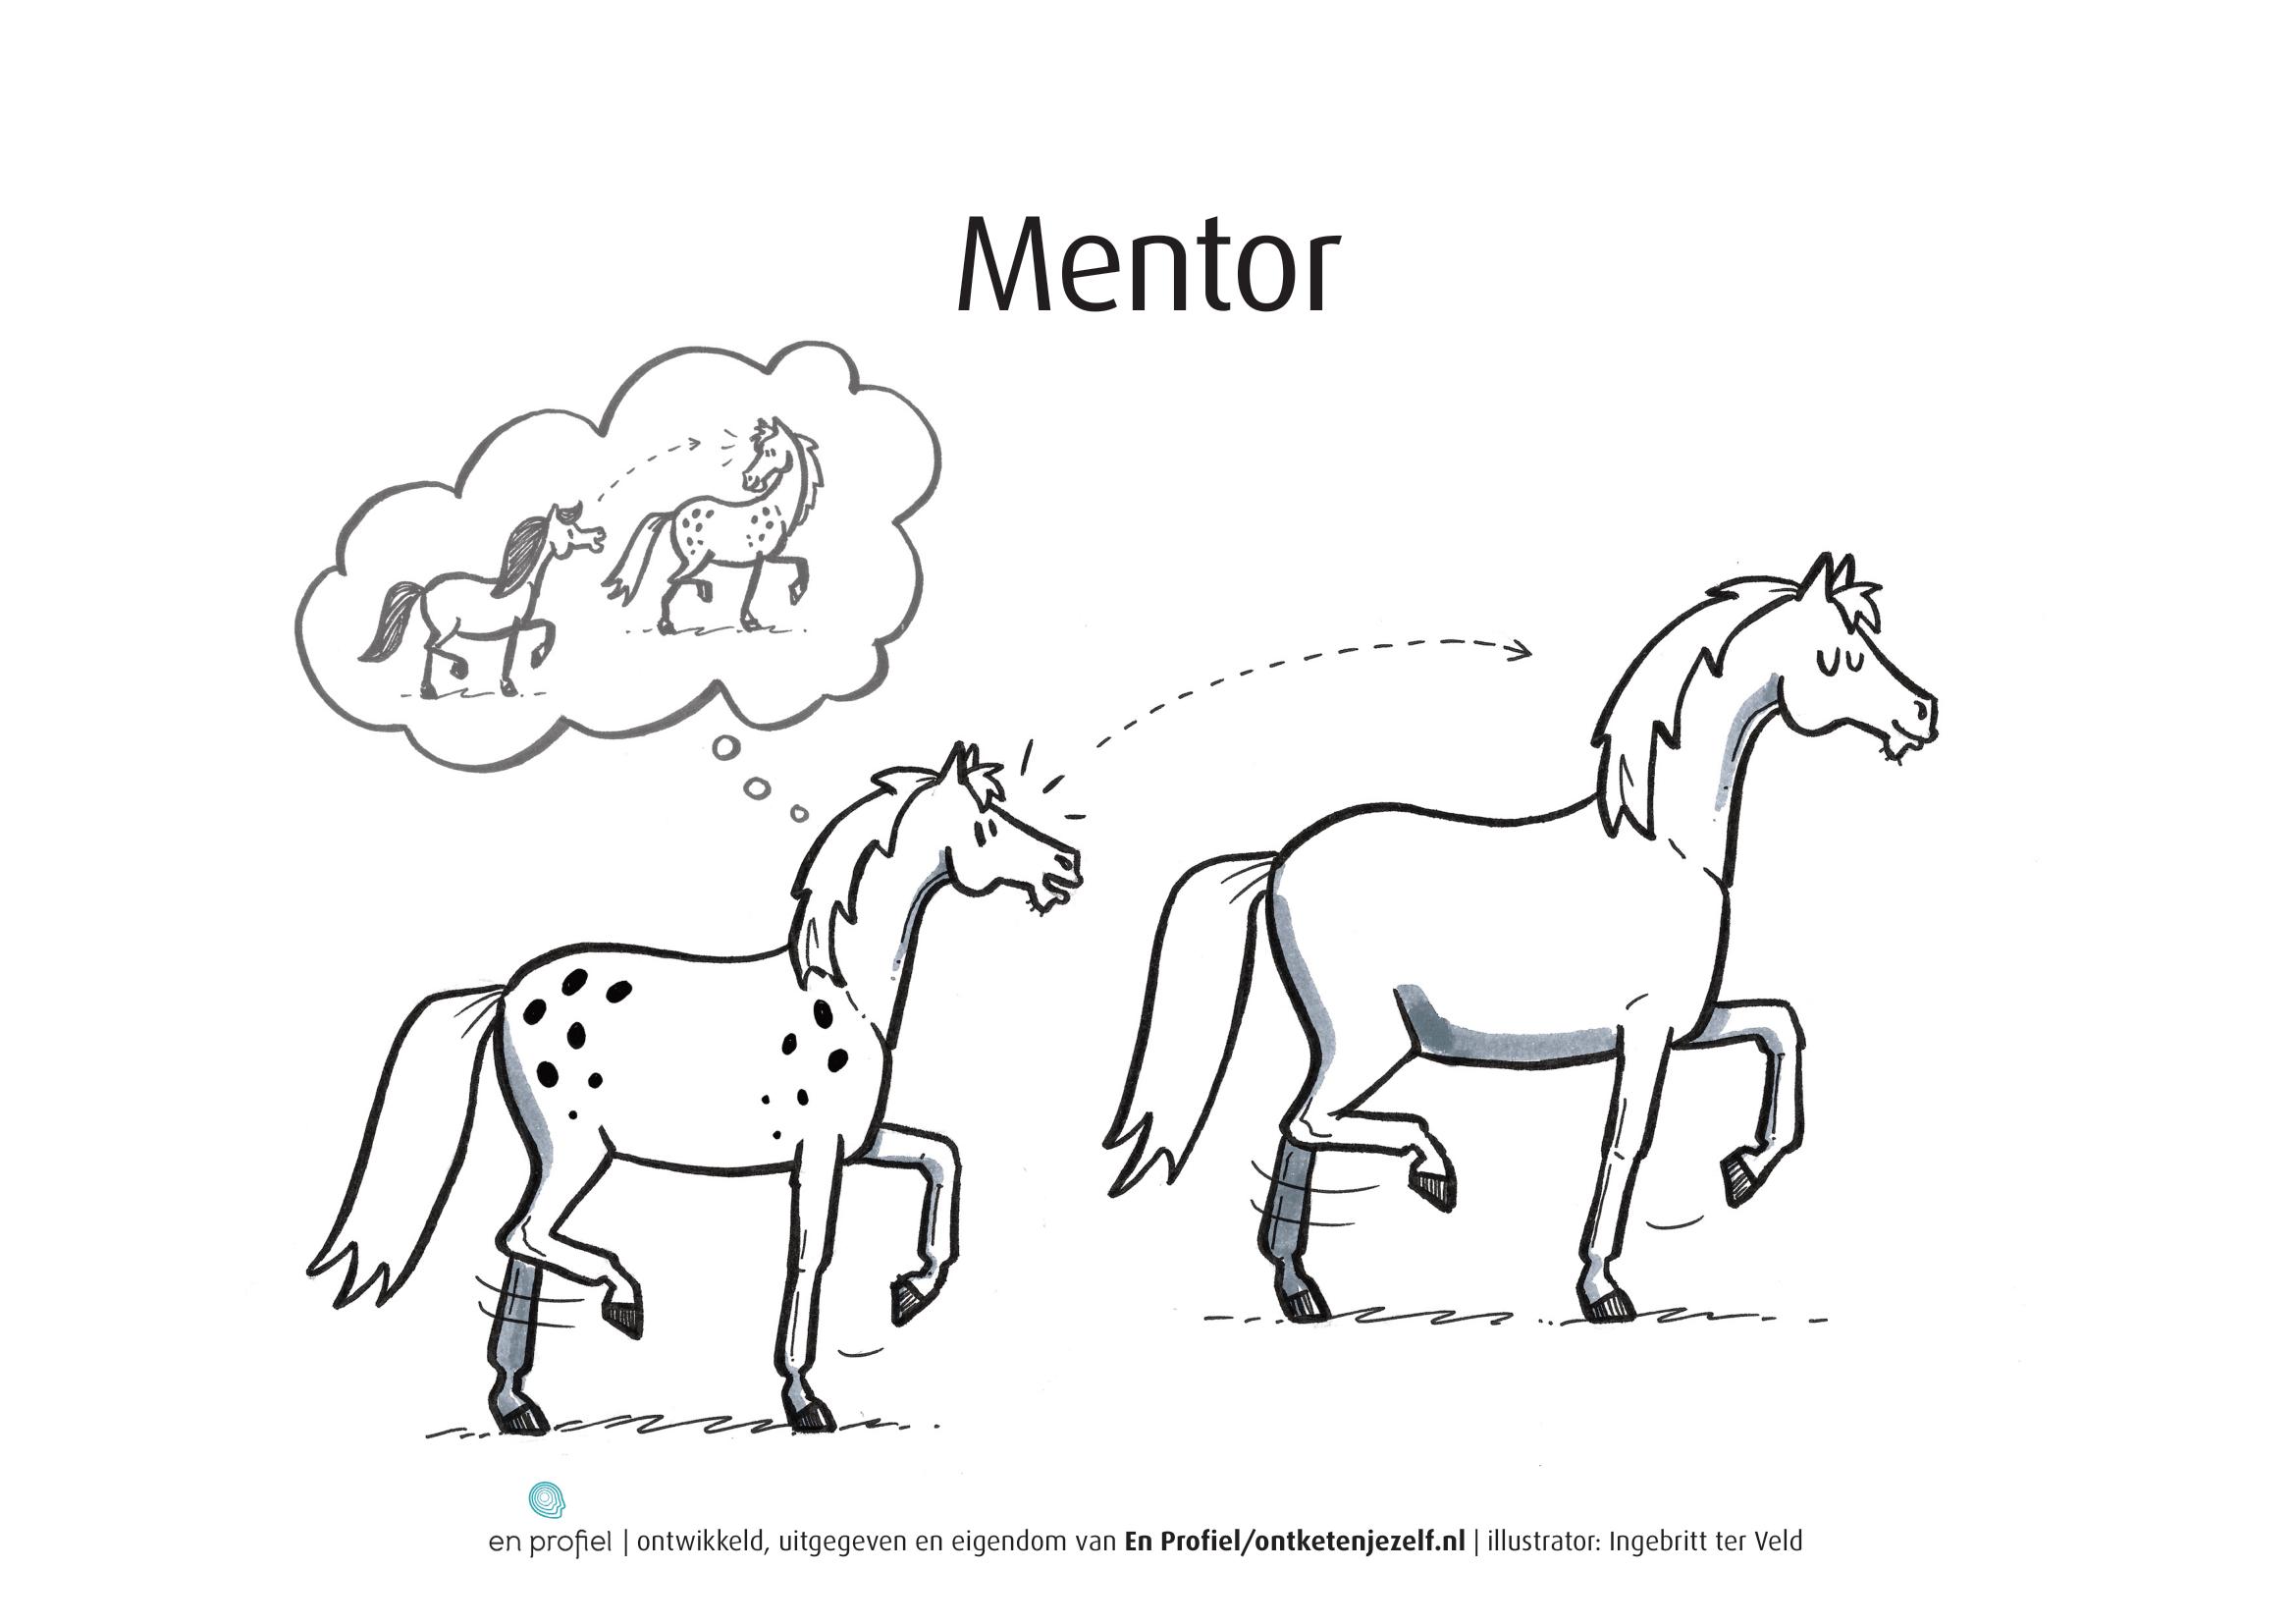 Needs mentor